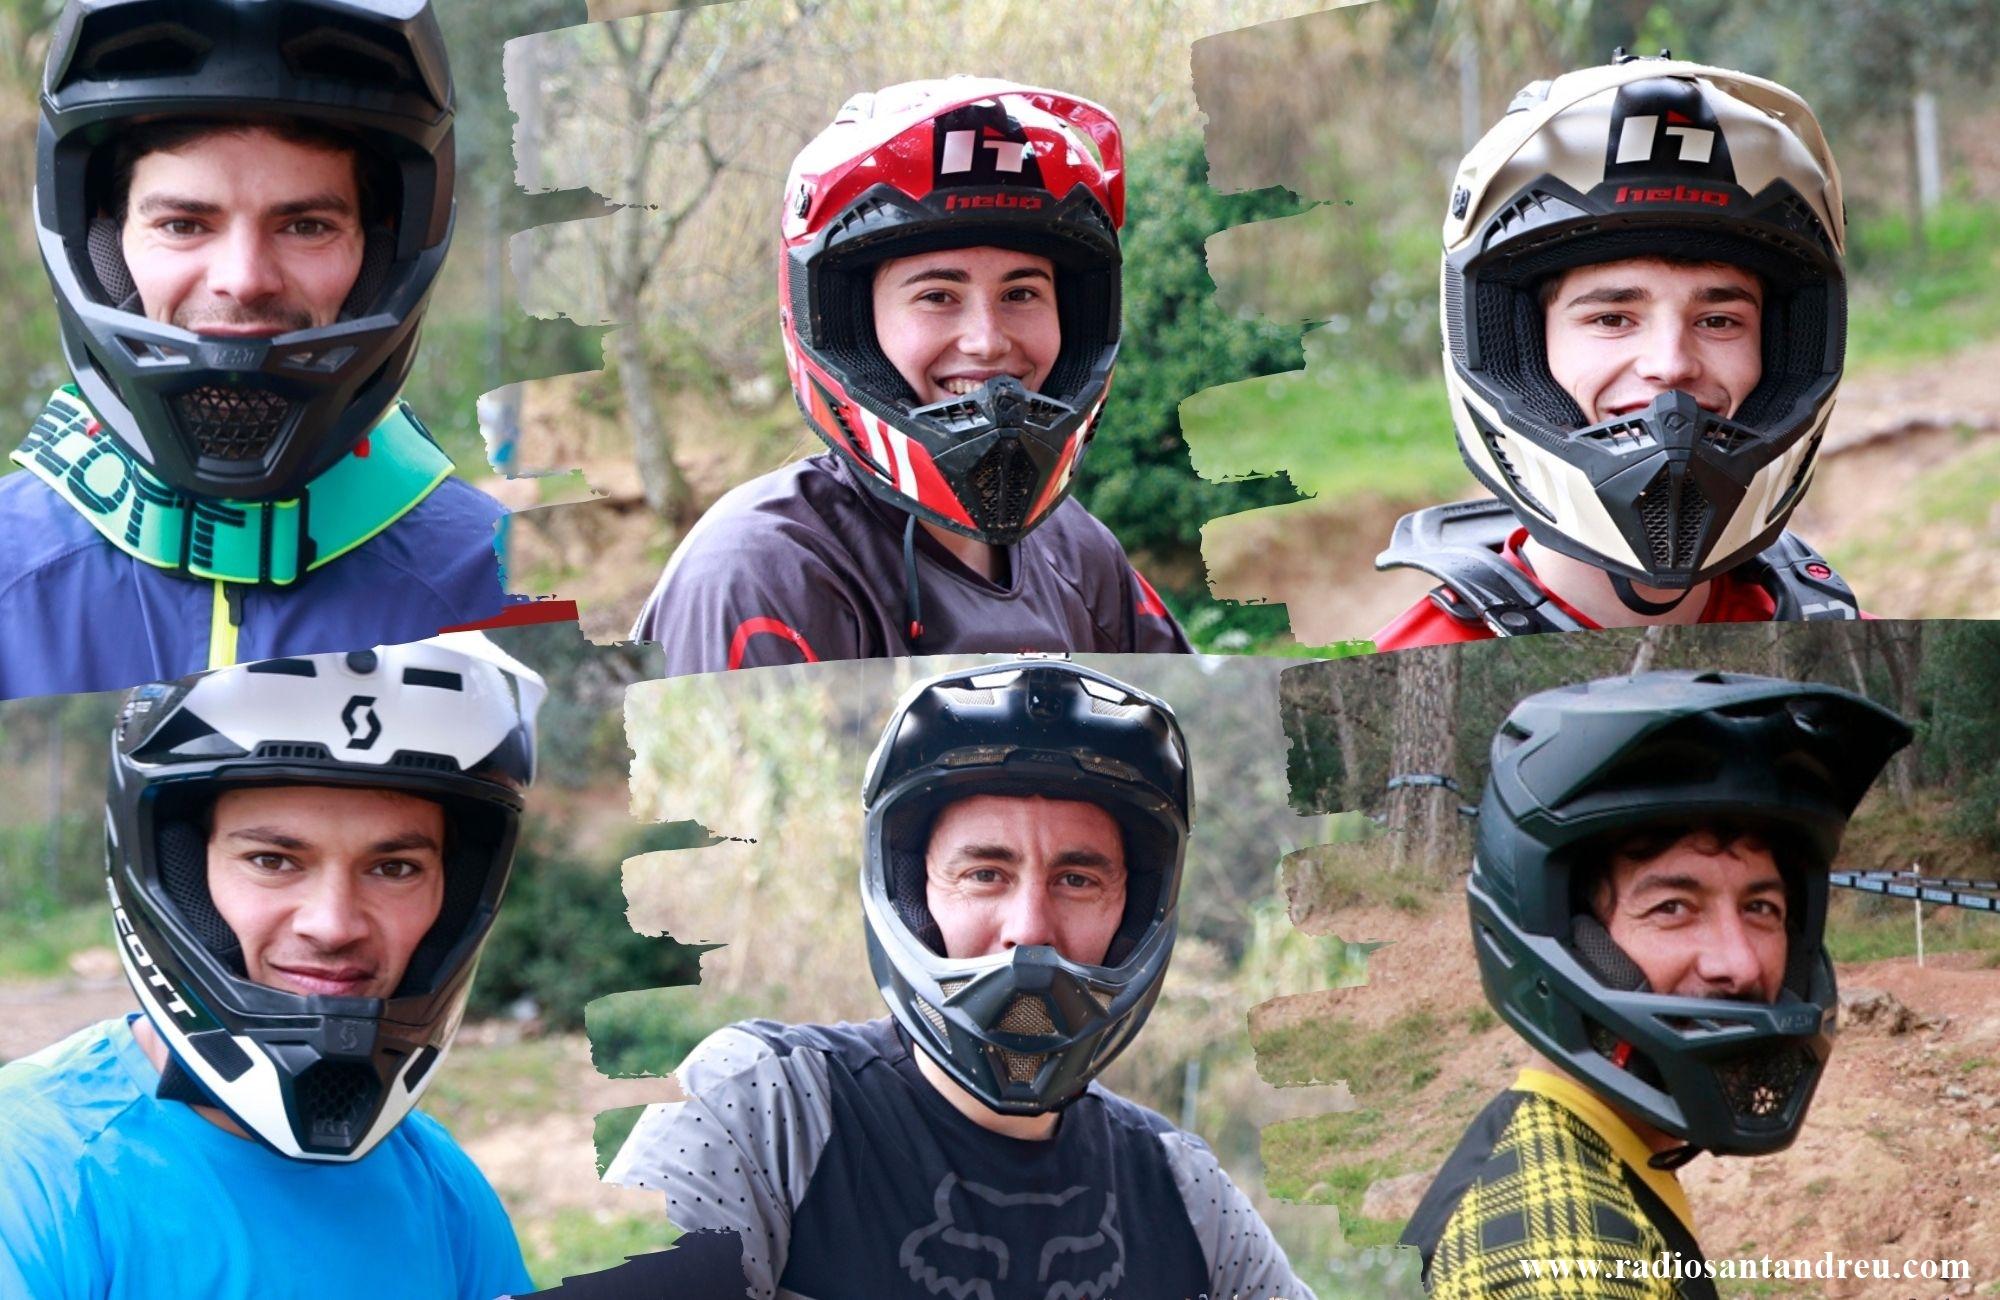 Els riders